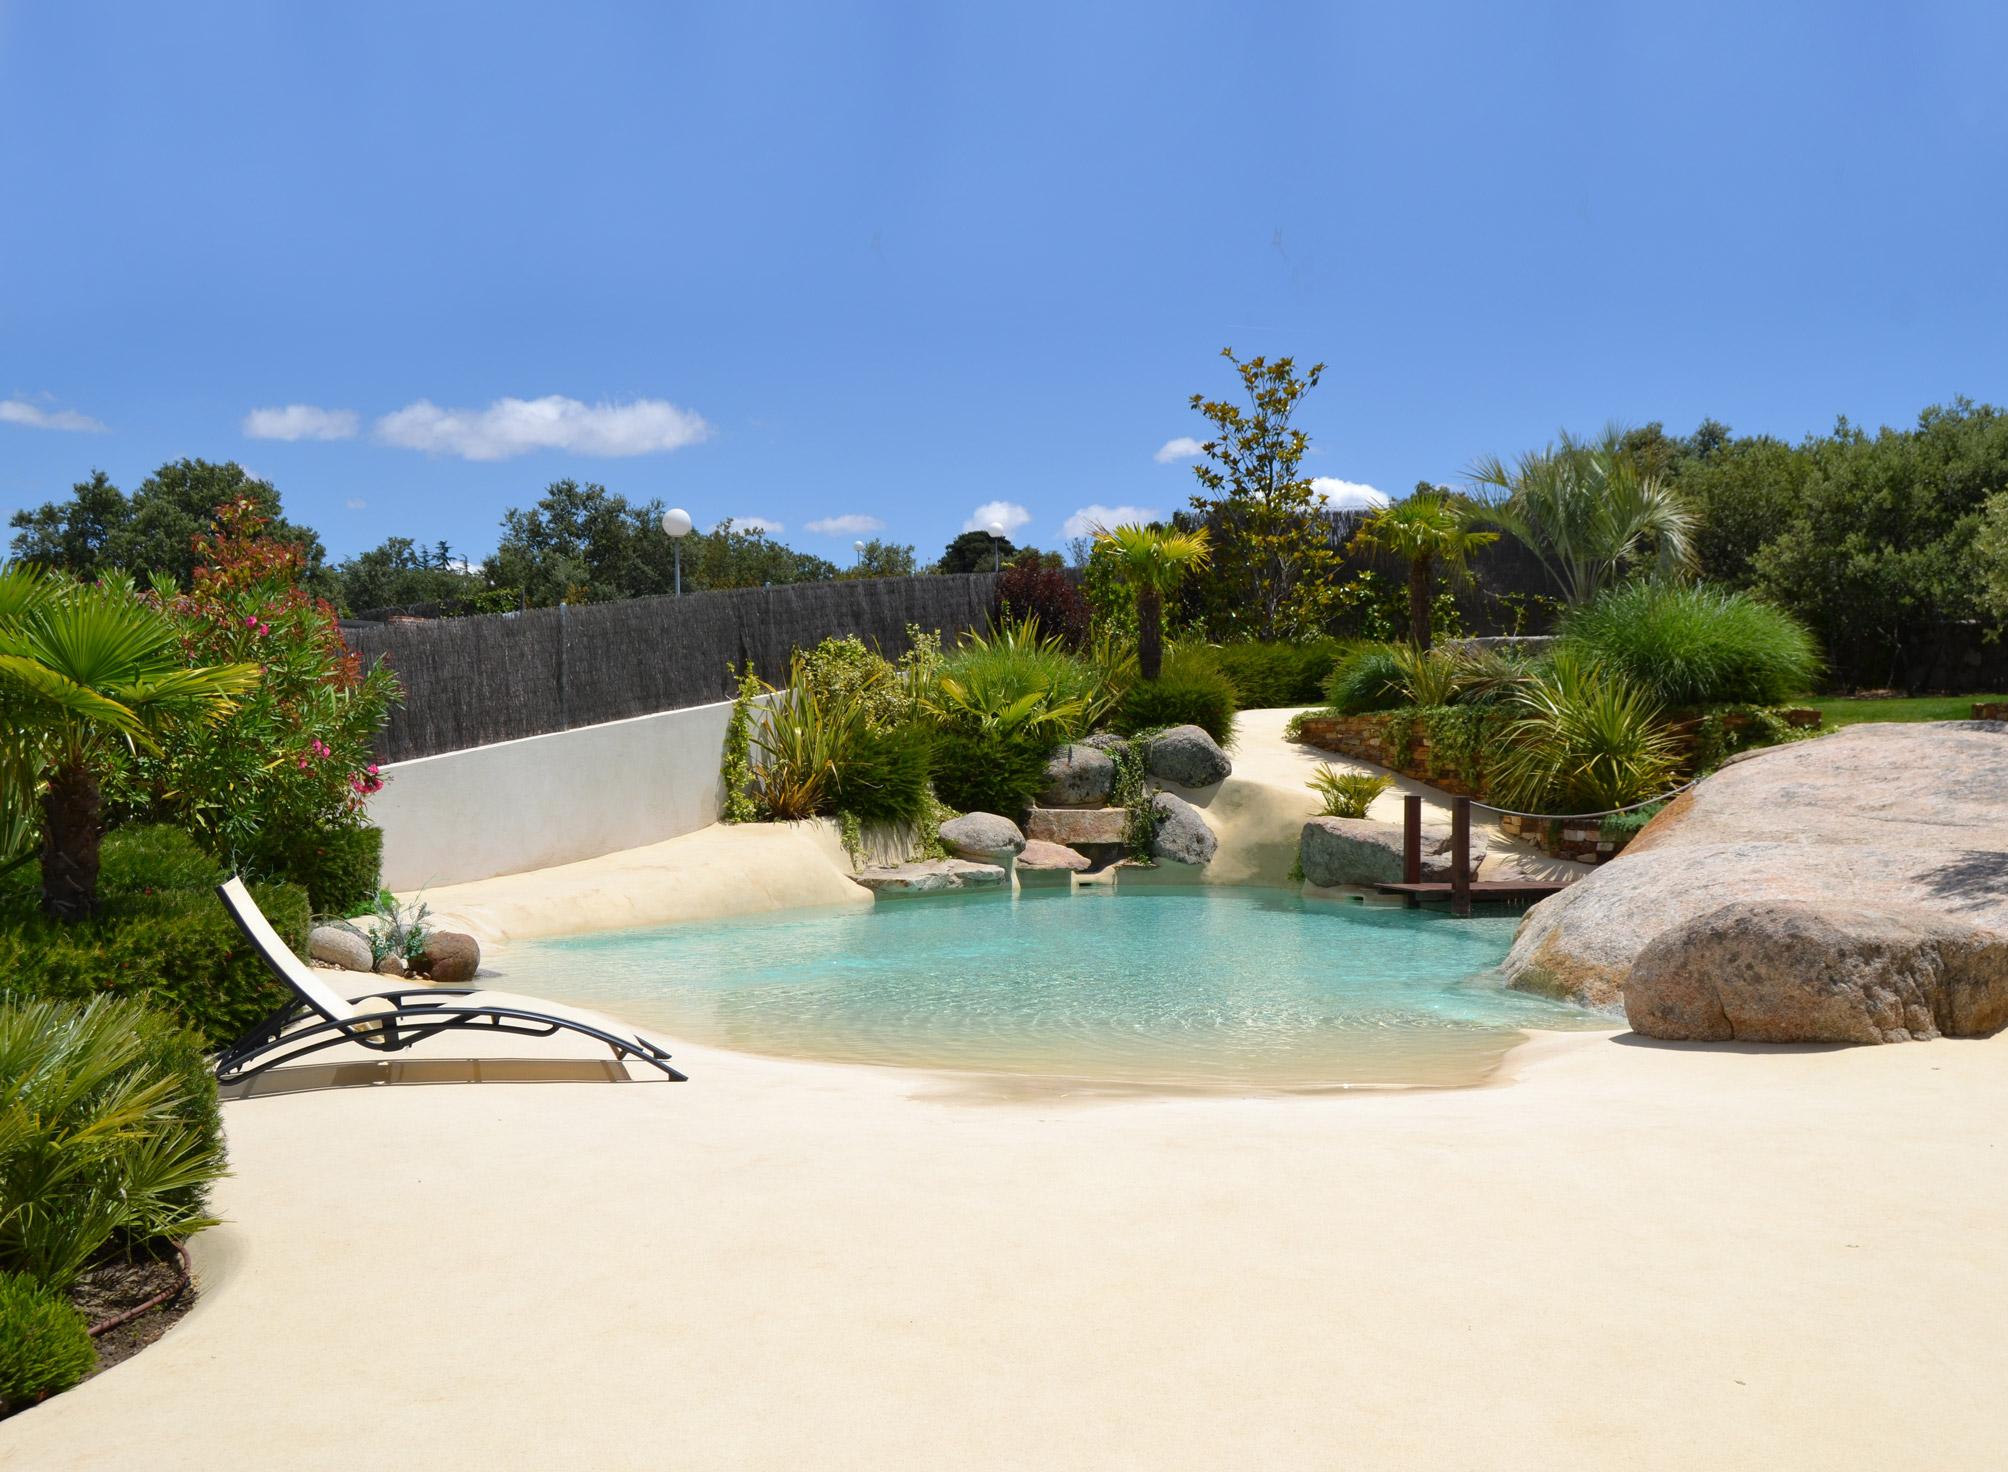 piscinas-de-areia-home